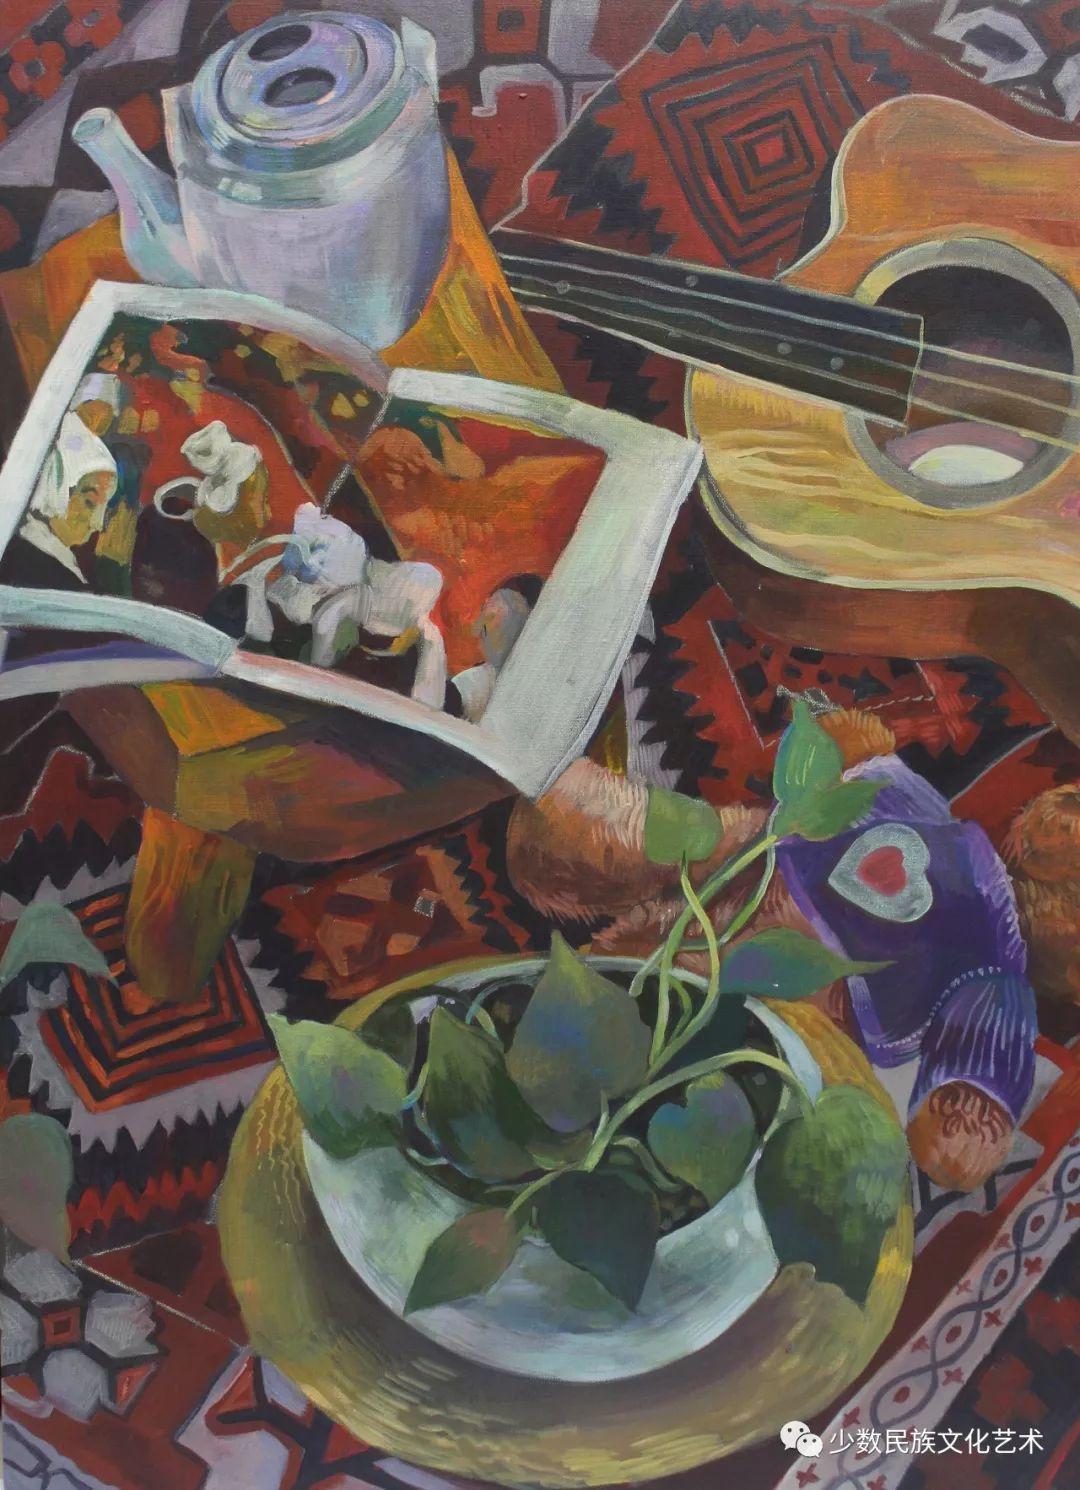 生活.礼物——蒙古族画家杨佳作品欣赏 第3张